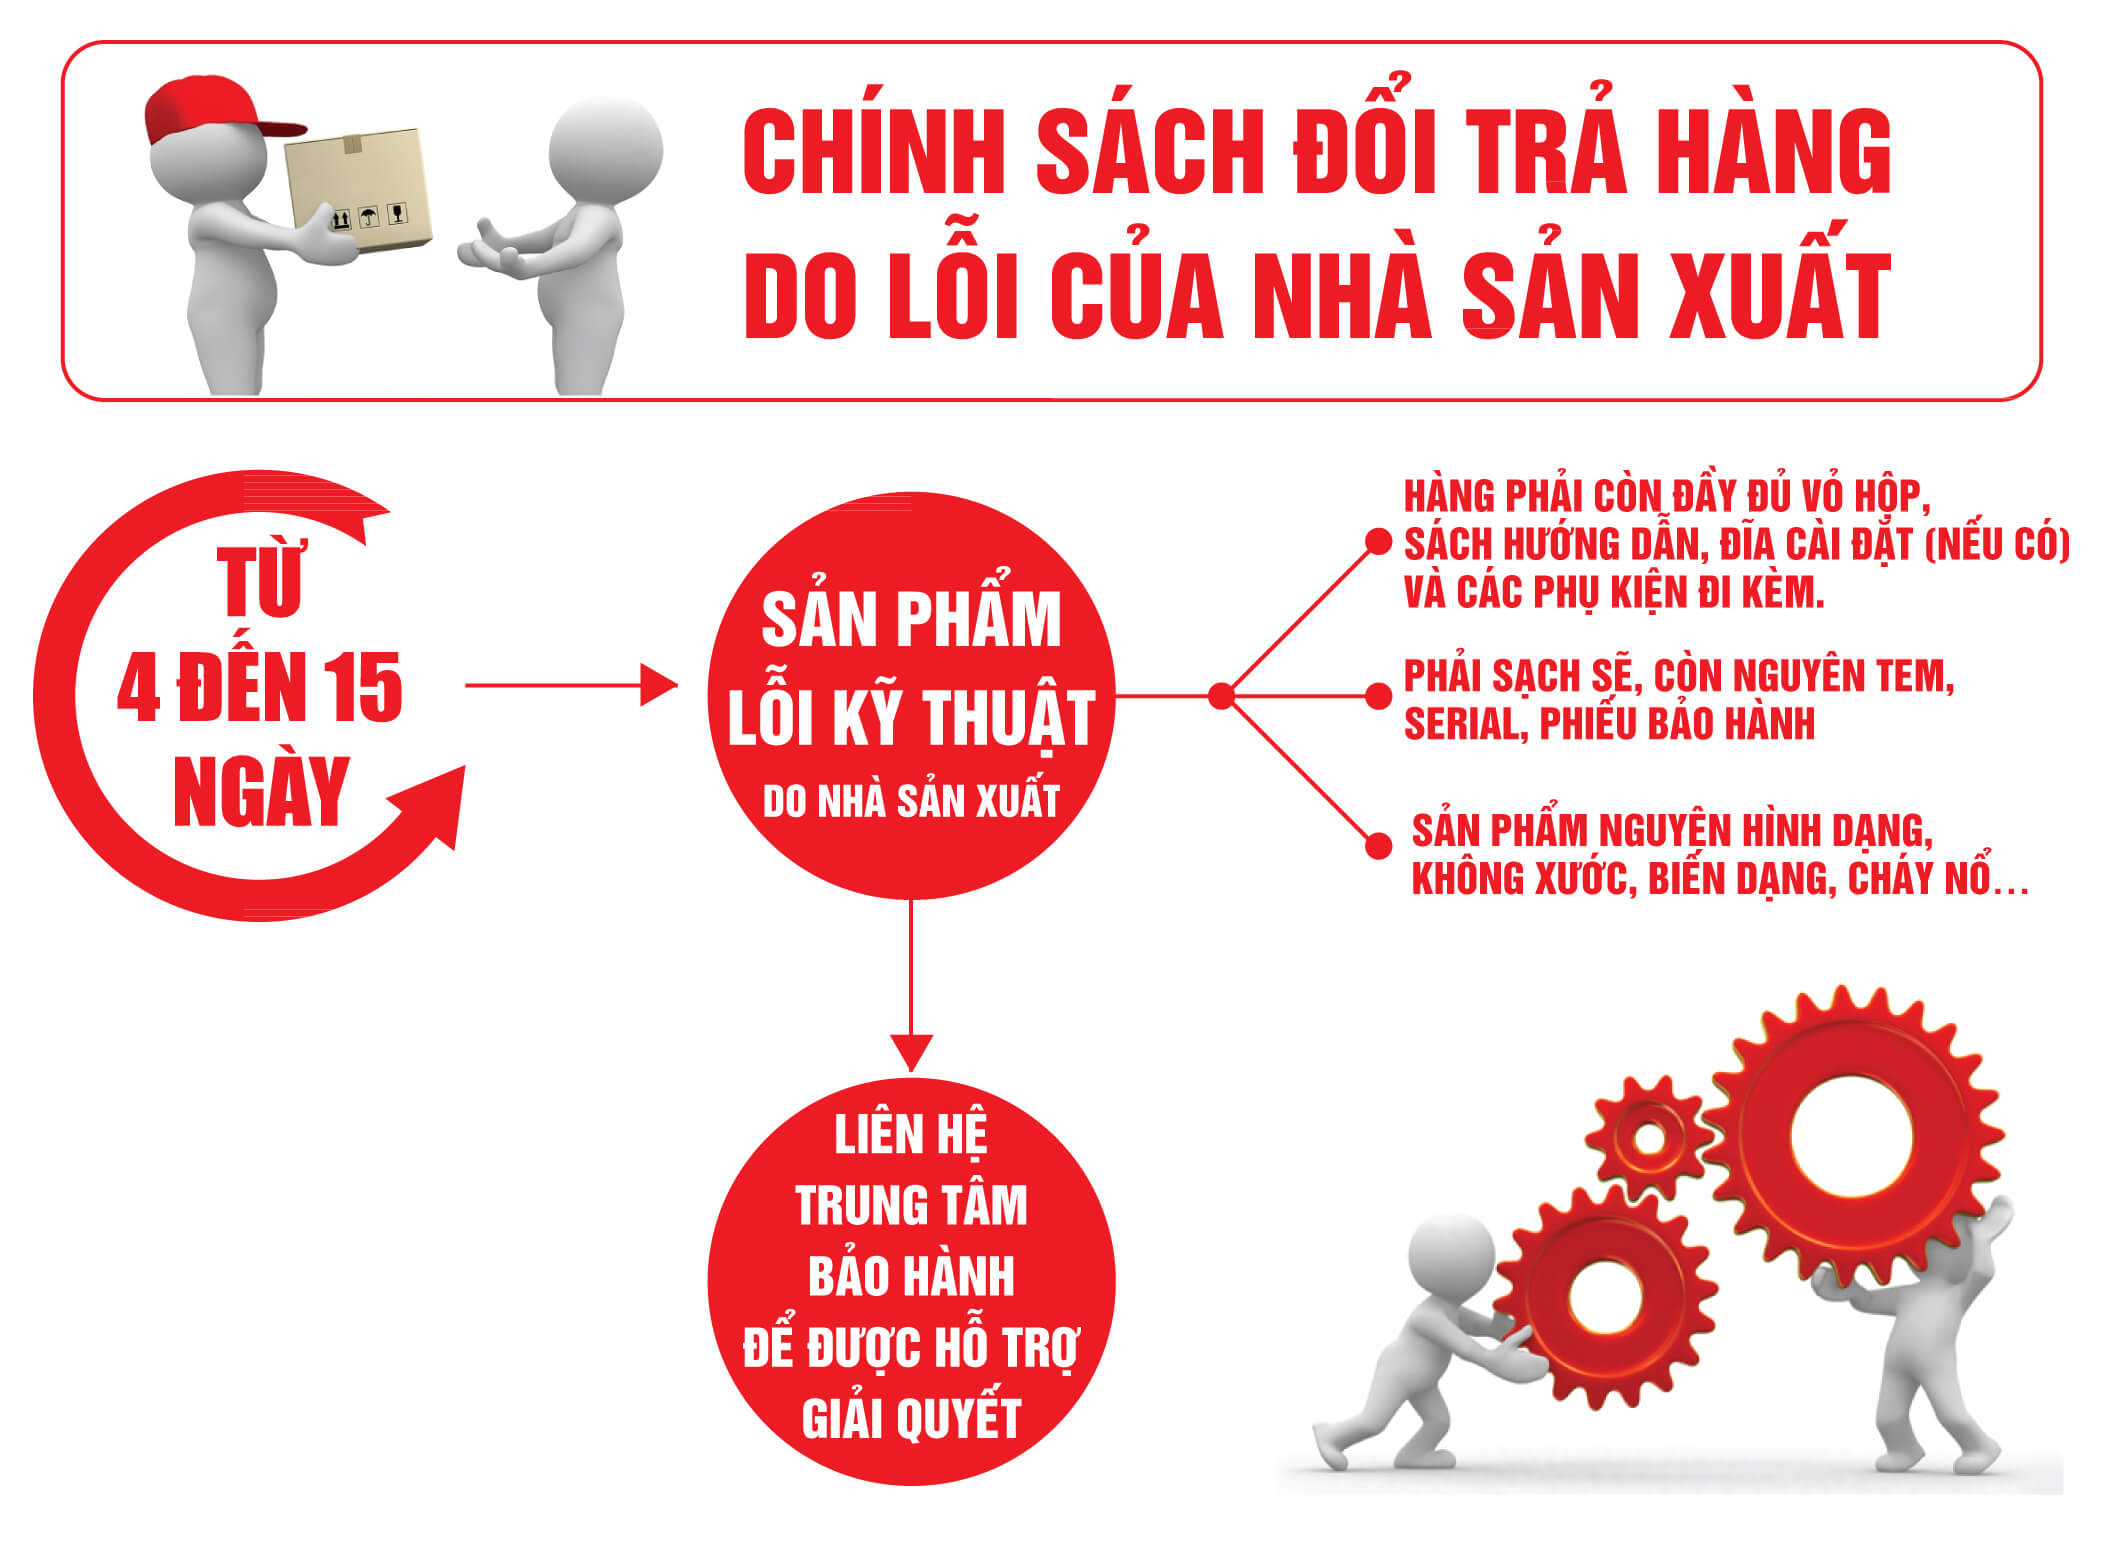 Chính sách đổi trả hàng do lỗi nhà sản xuất của Hanoicomputer